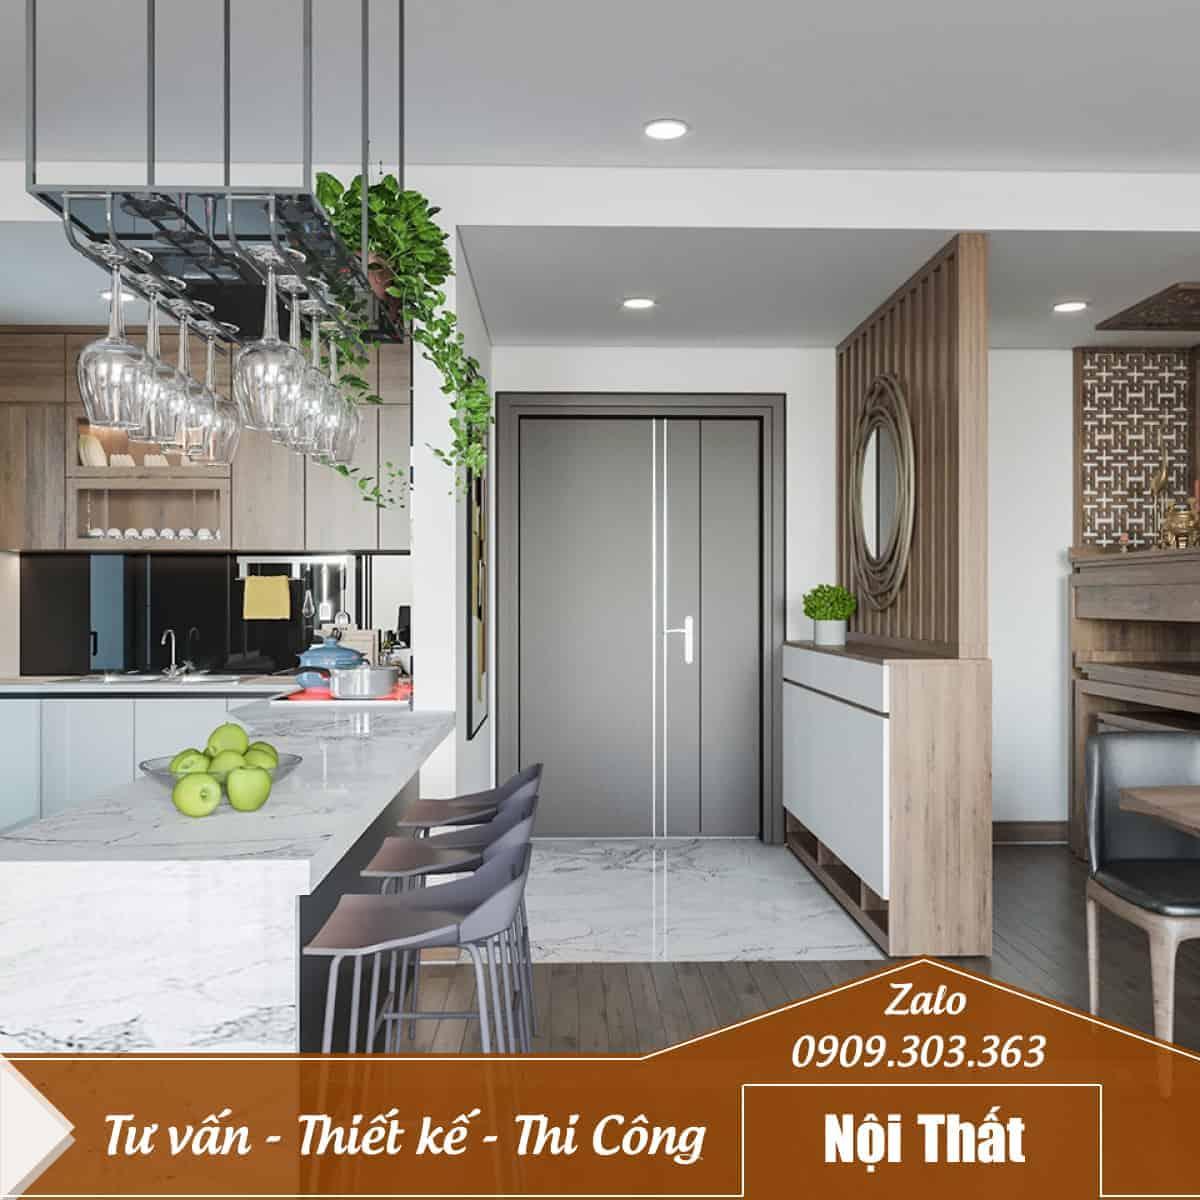 Thiết kế thi công nội thất căn hộ, nhà ở, quán cafe, shop bán hàng